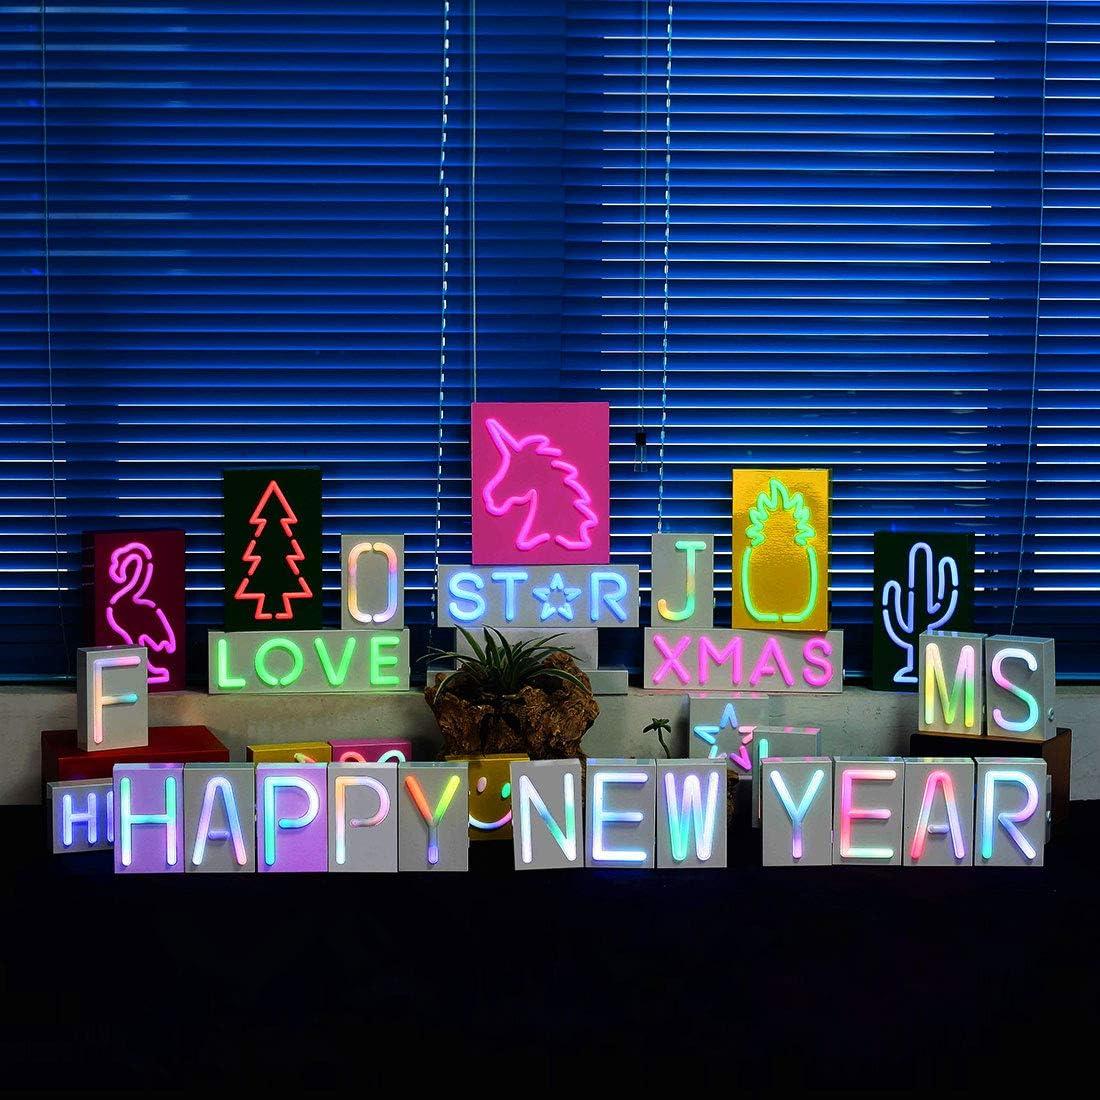 Ananas Led Neon Sign gelbe Ananas Licht Metall Weihnachten Neon Nachtlicht Zeichen f/ür Kinderzimmer 16 Farbwechsel Dekorleuchten mit Fernbedienung und Batterie//USB-Betrieb